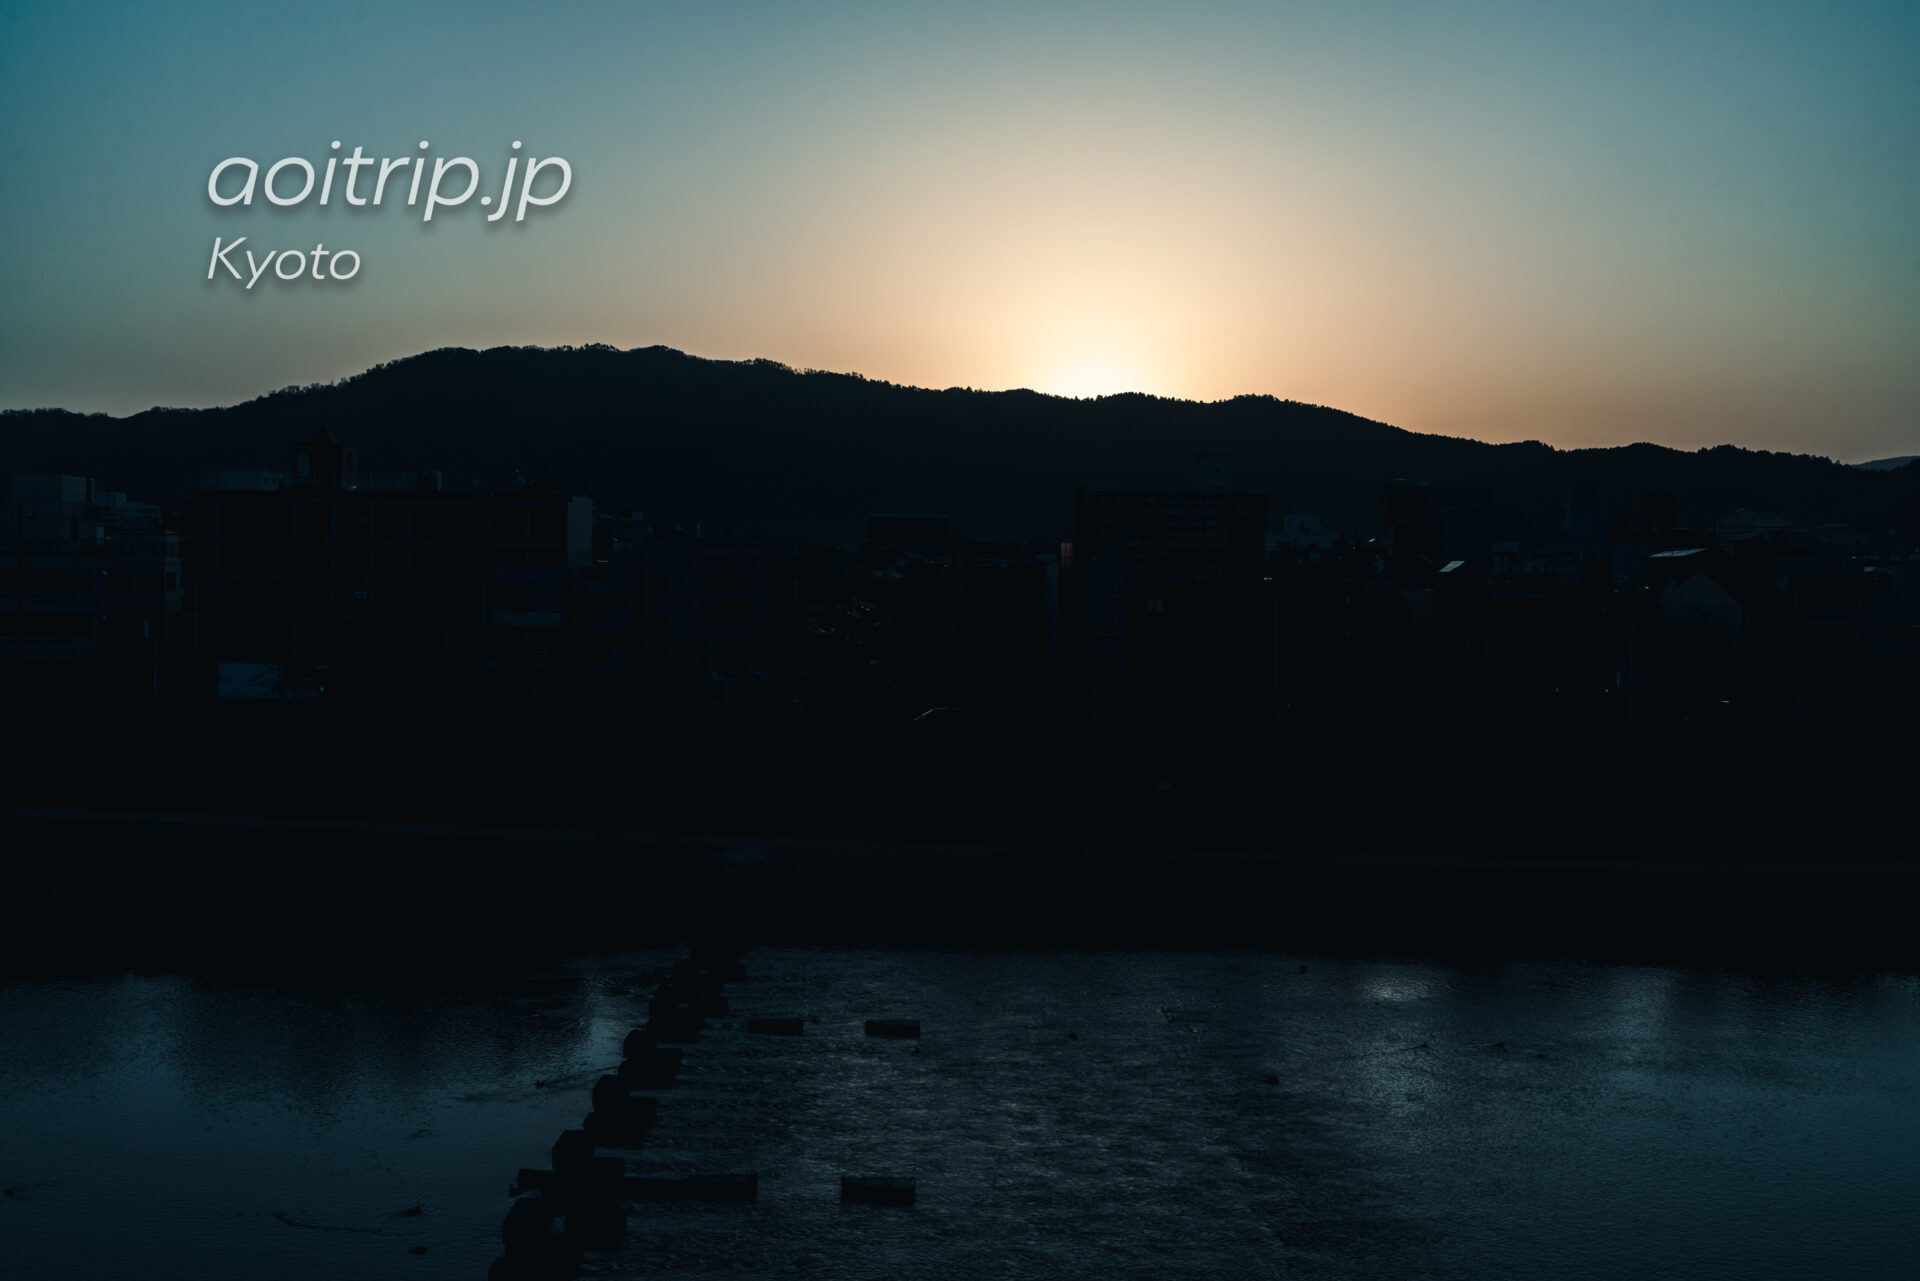 リッツ京都から望む鴨川と朝日